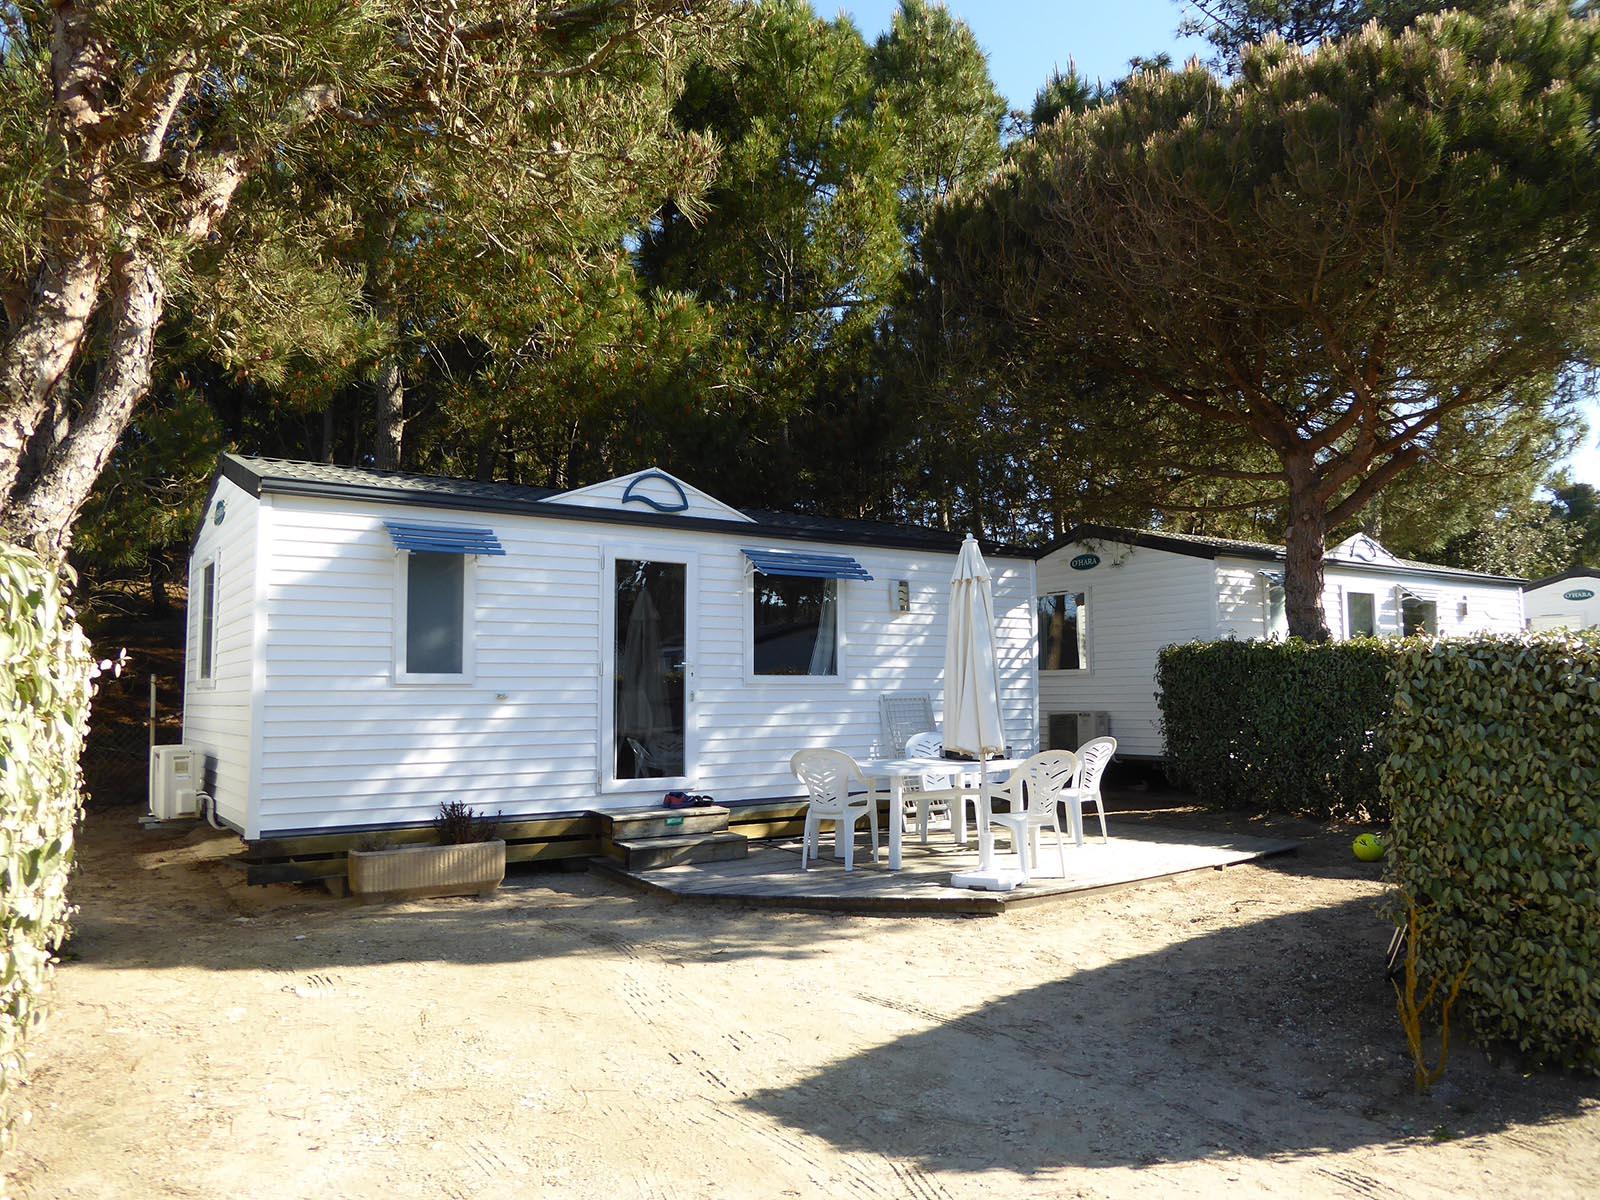 Camping Bois Soleil 5 étoiles  Camping près de Royan à  ~ Camping Bois Soleil St Georges De Didonne